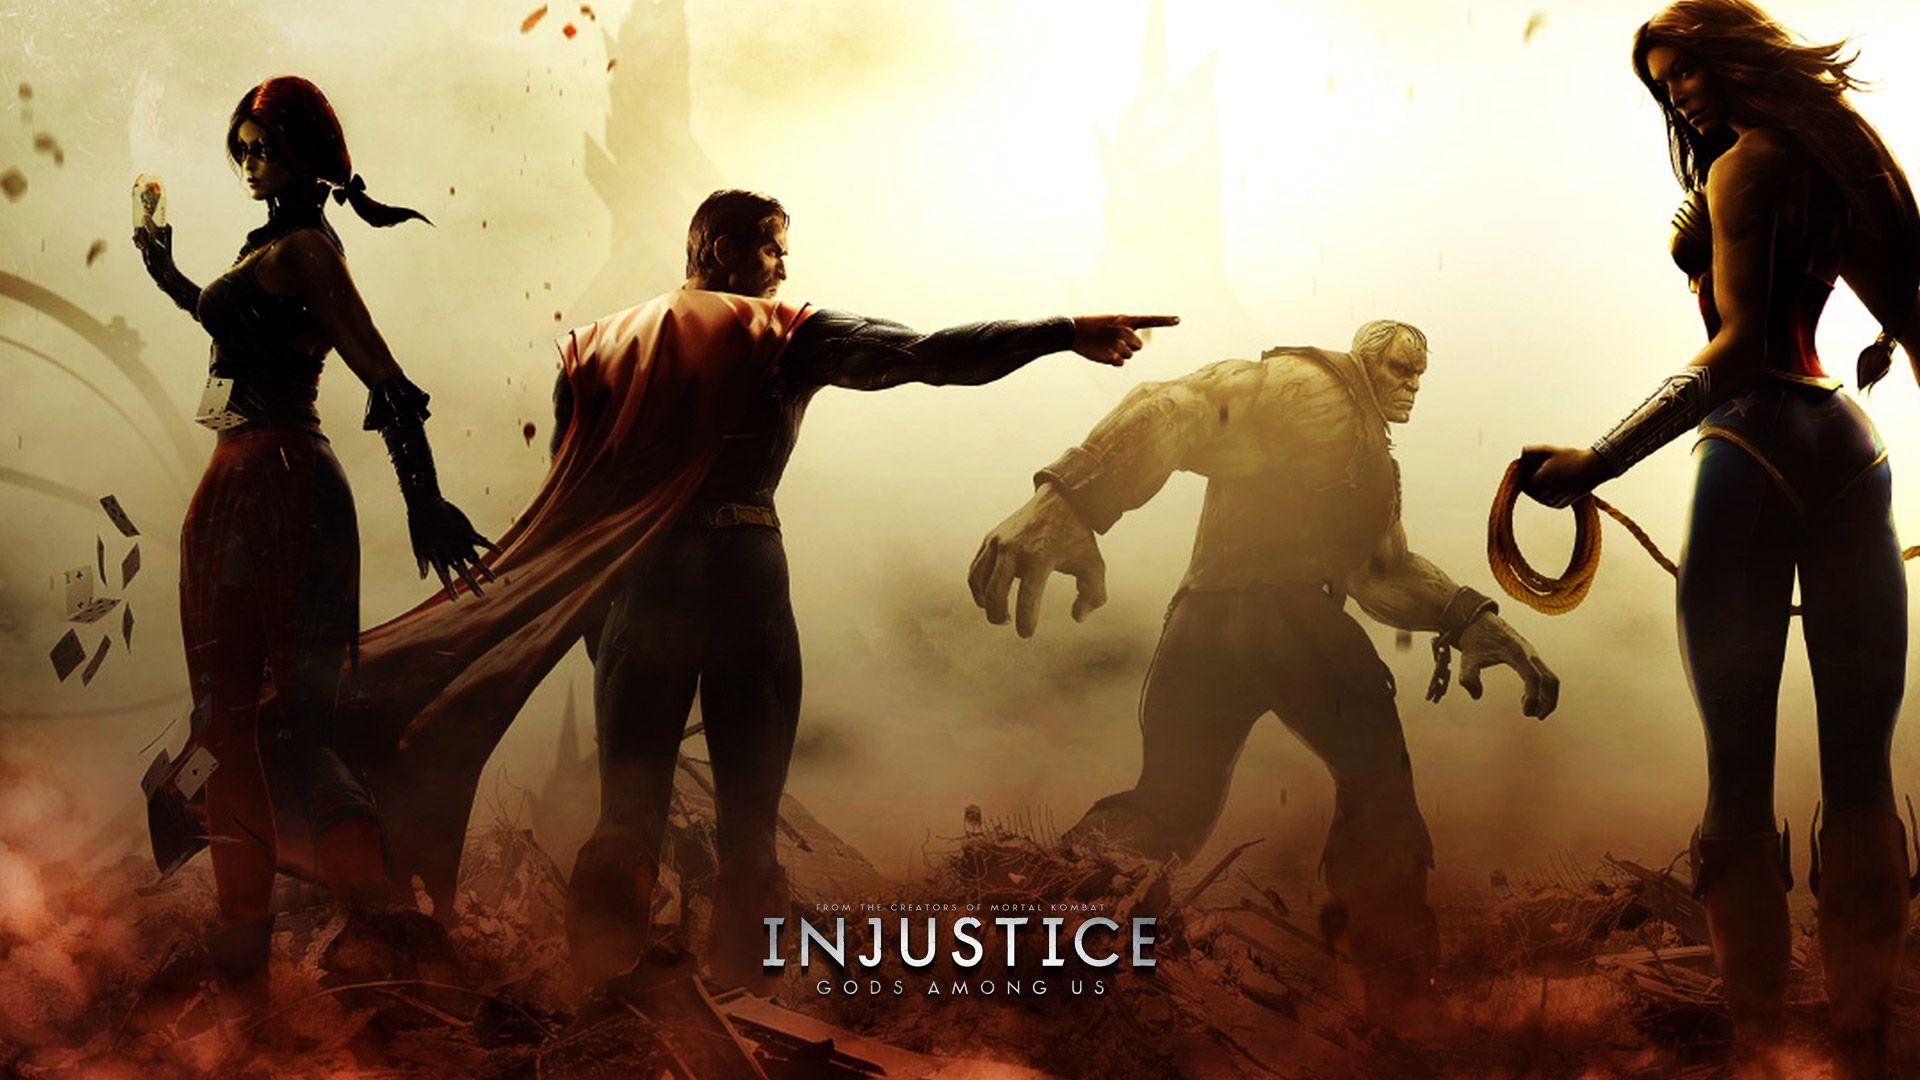 Movie Injustice Gods Among Us Animation Movie Wallpaper Injustice Animation Movie Injustice 2